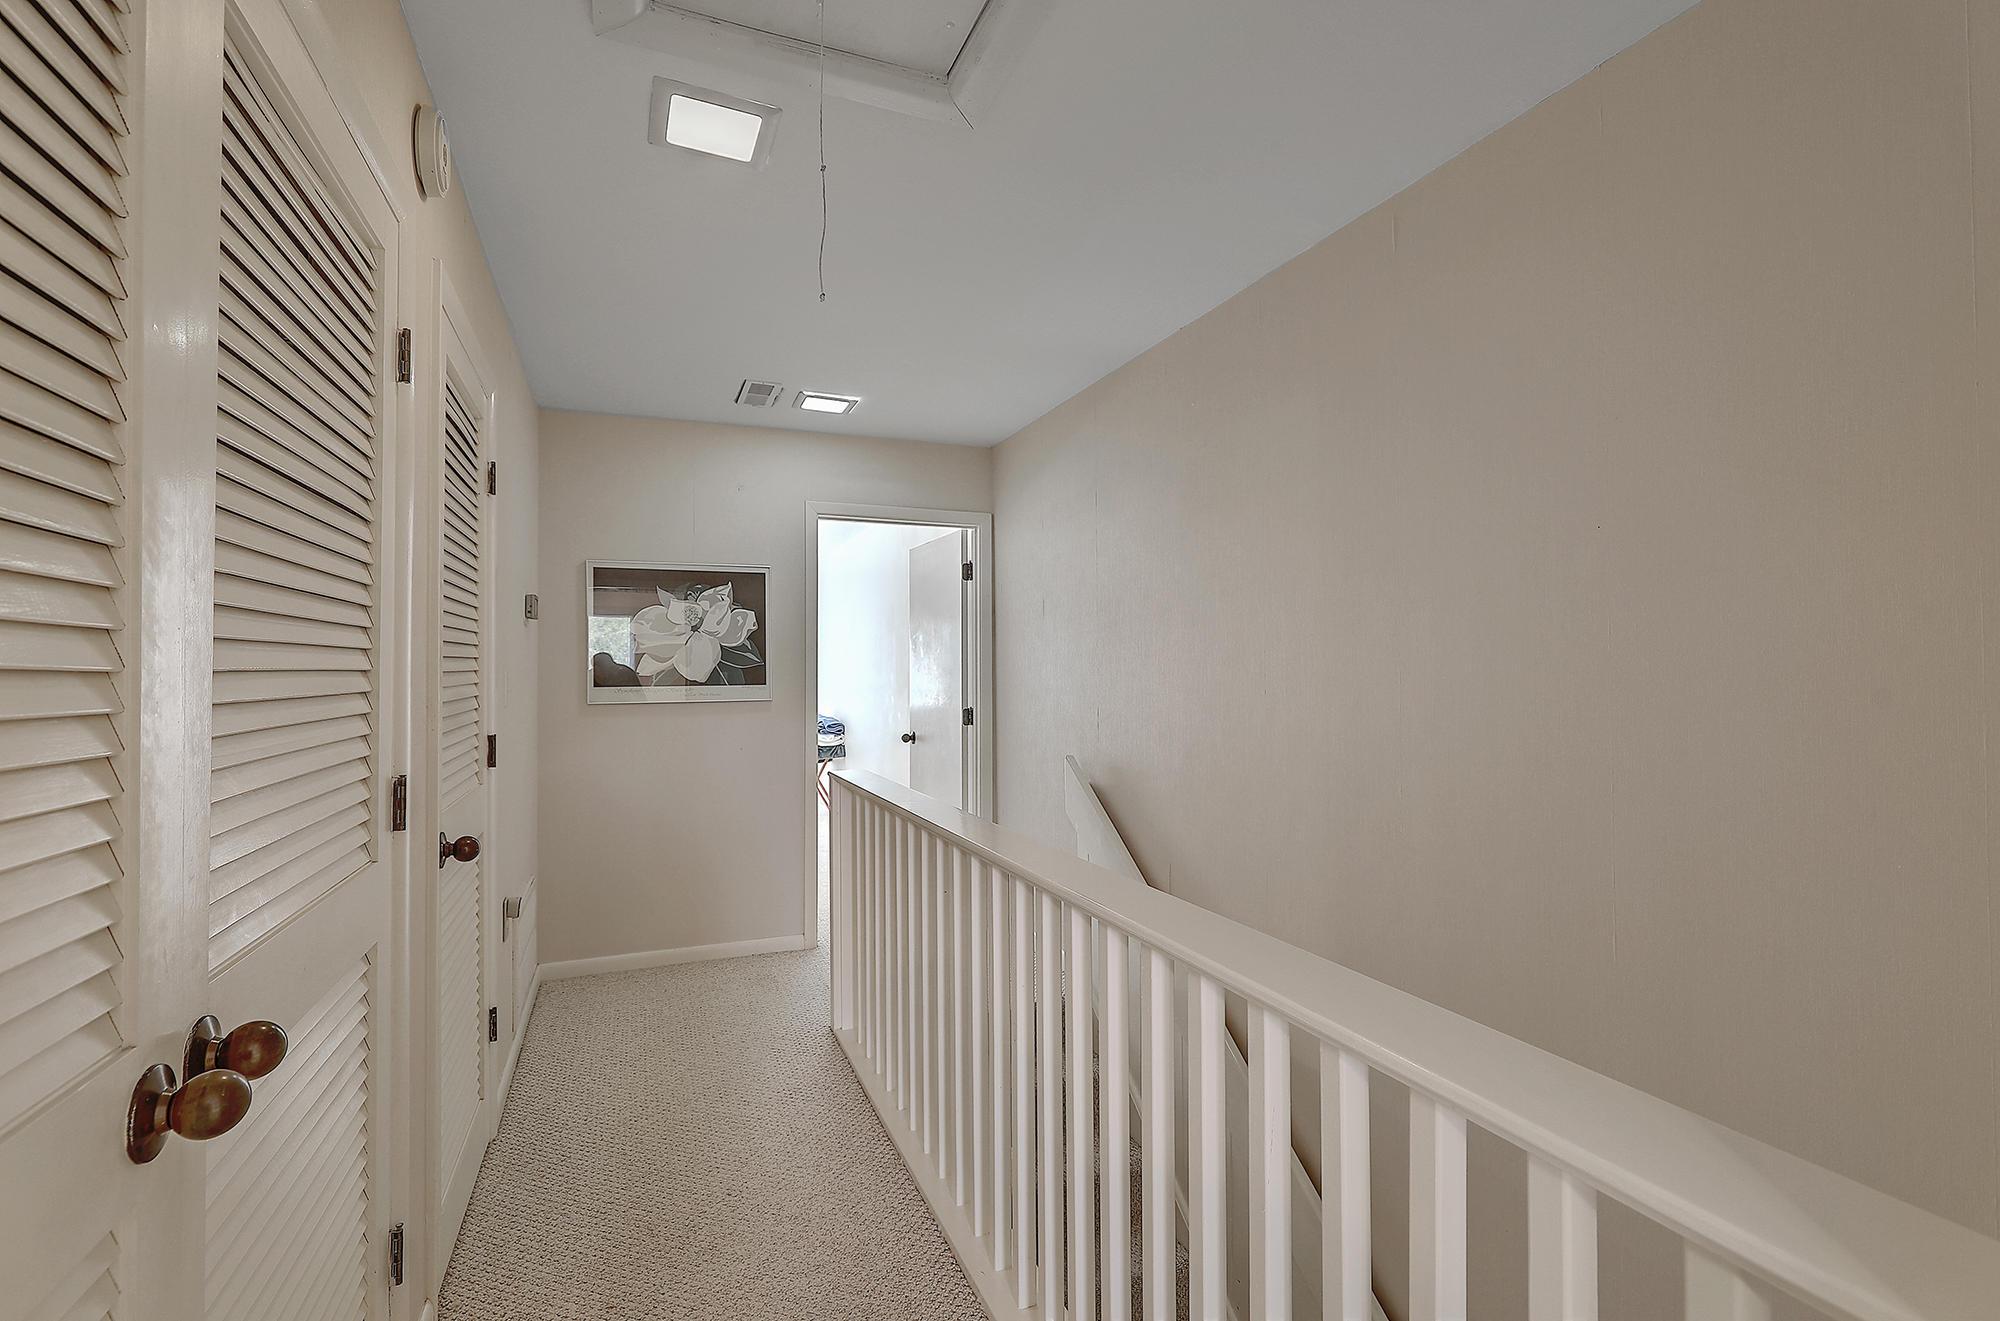 Beach Club Villas Homes For Sale - 15 Beach Club Villas, Isle of Palms, SC - 5